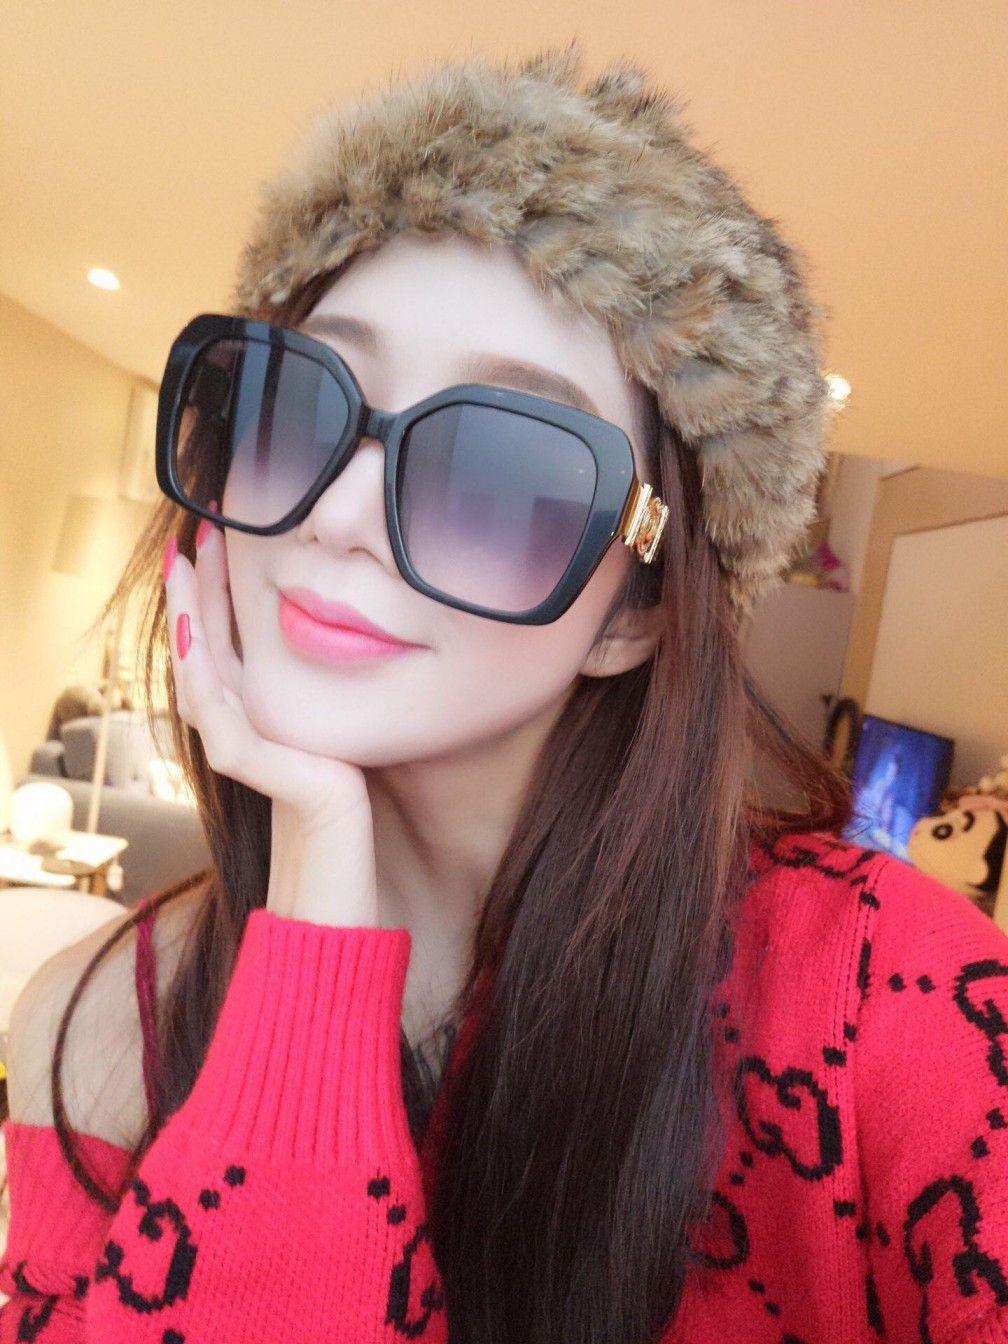 2021 جديد أعلى جودة 4378 رجل نظارات الرجال نظارات الشمس مزاجه النساء النظارات الشمسية نمط الأزياء يحمي العينين مع مربع